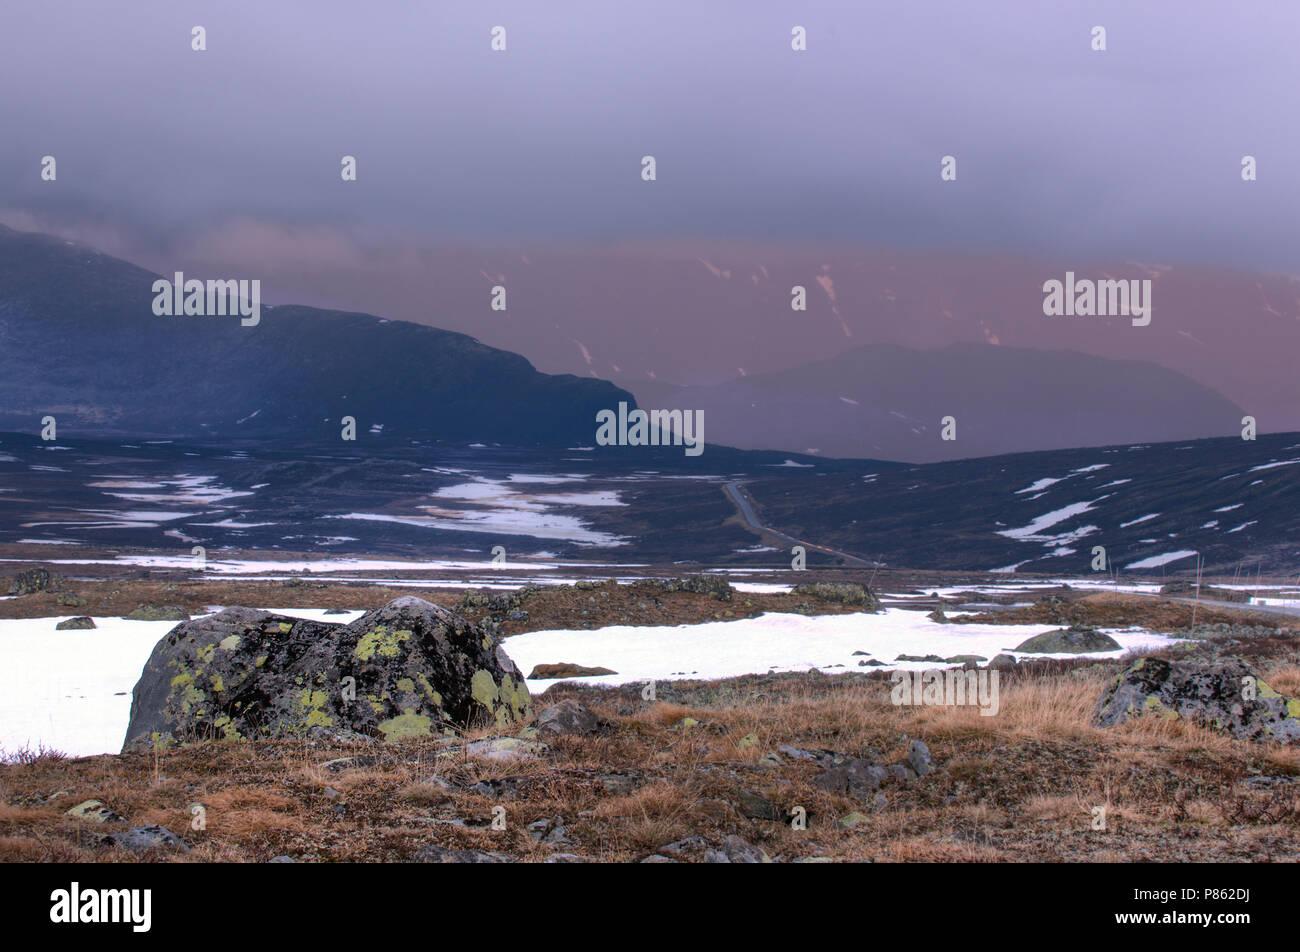 Zonsondergang Jotunheimen Noorwegen 2012 - Stock Image